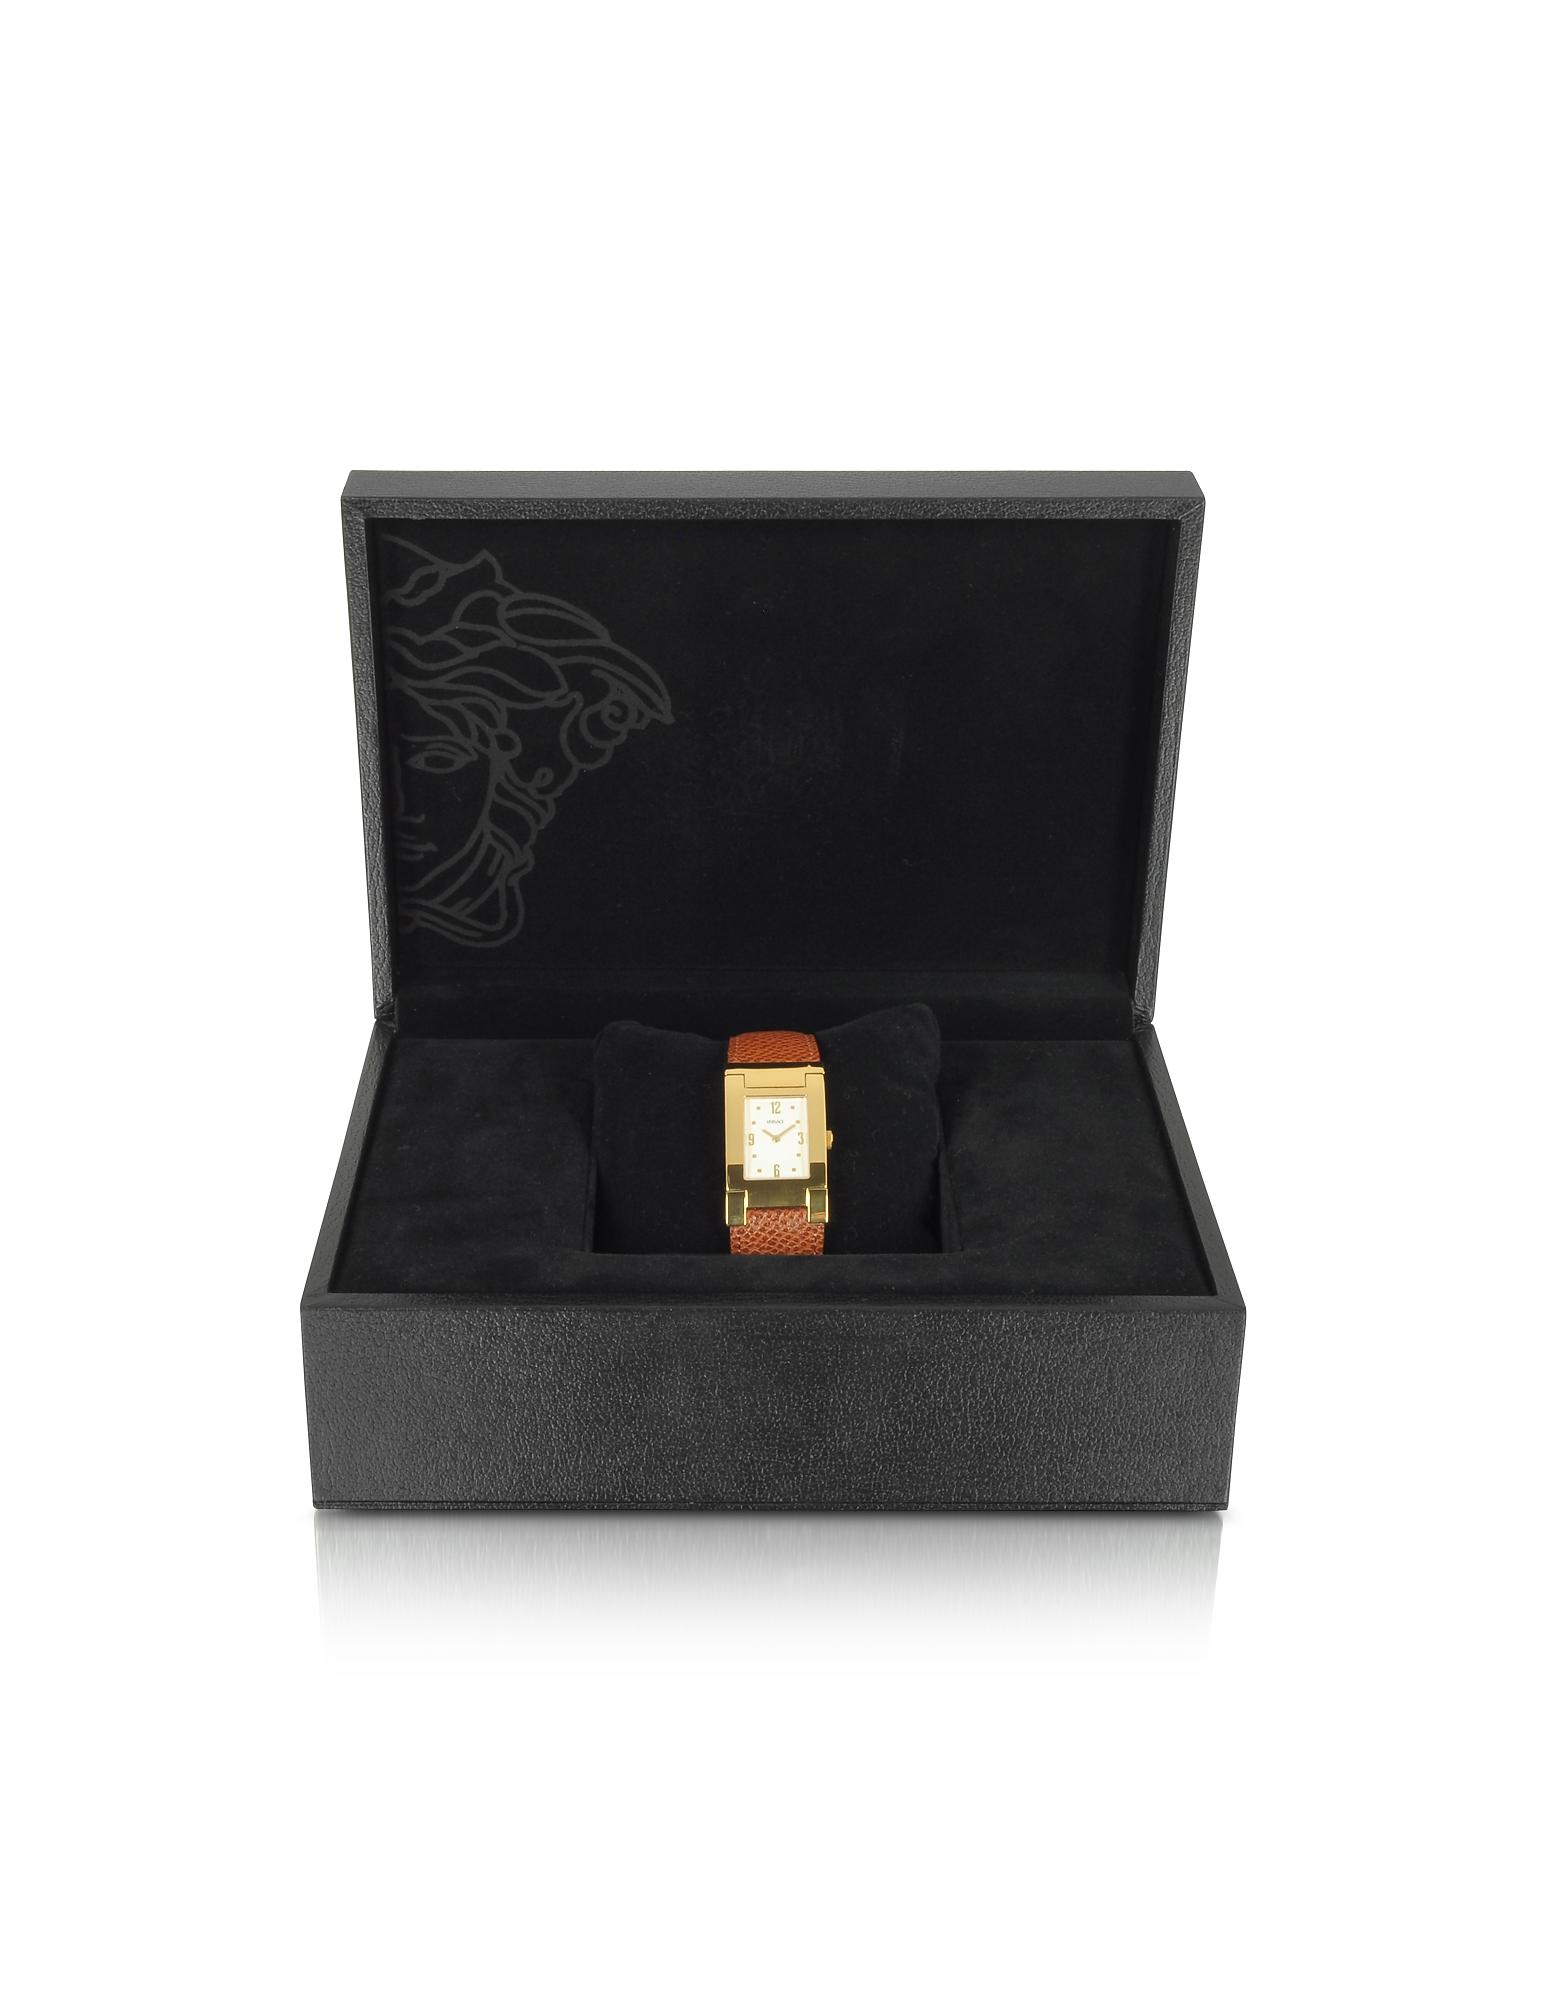 Versace | On Fifth – Мужские Позолоченные Часы на Коричневом Кожаном Ремешке | Clouty